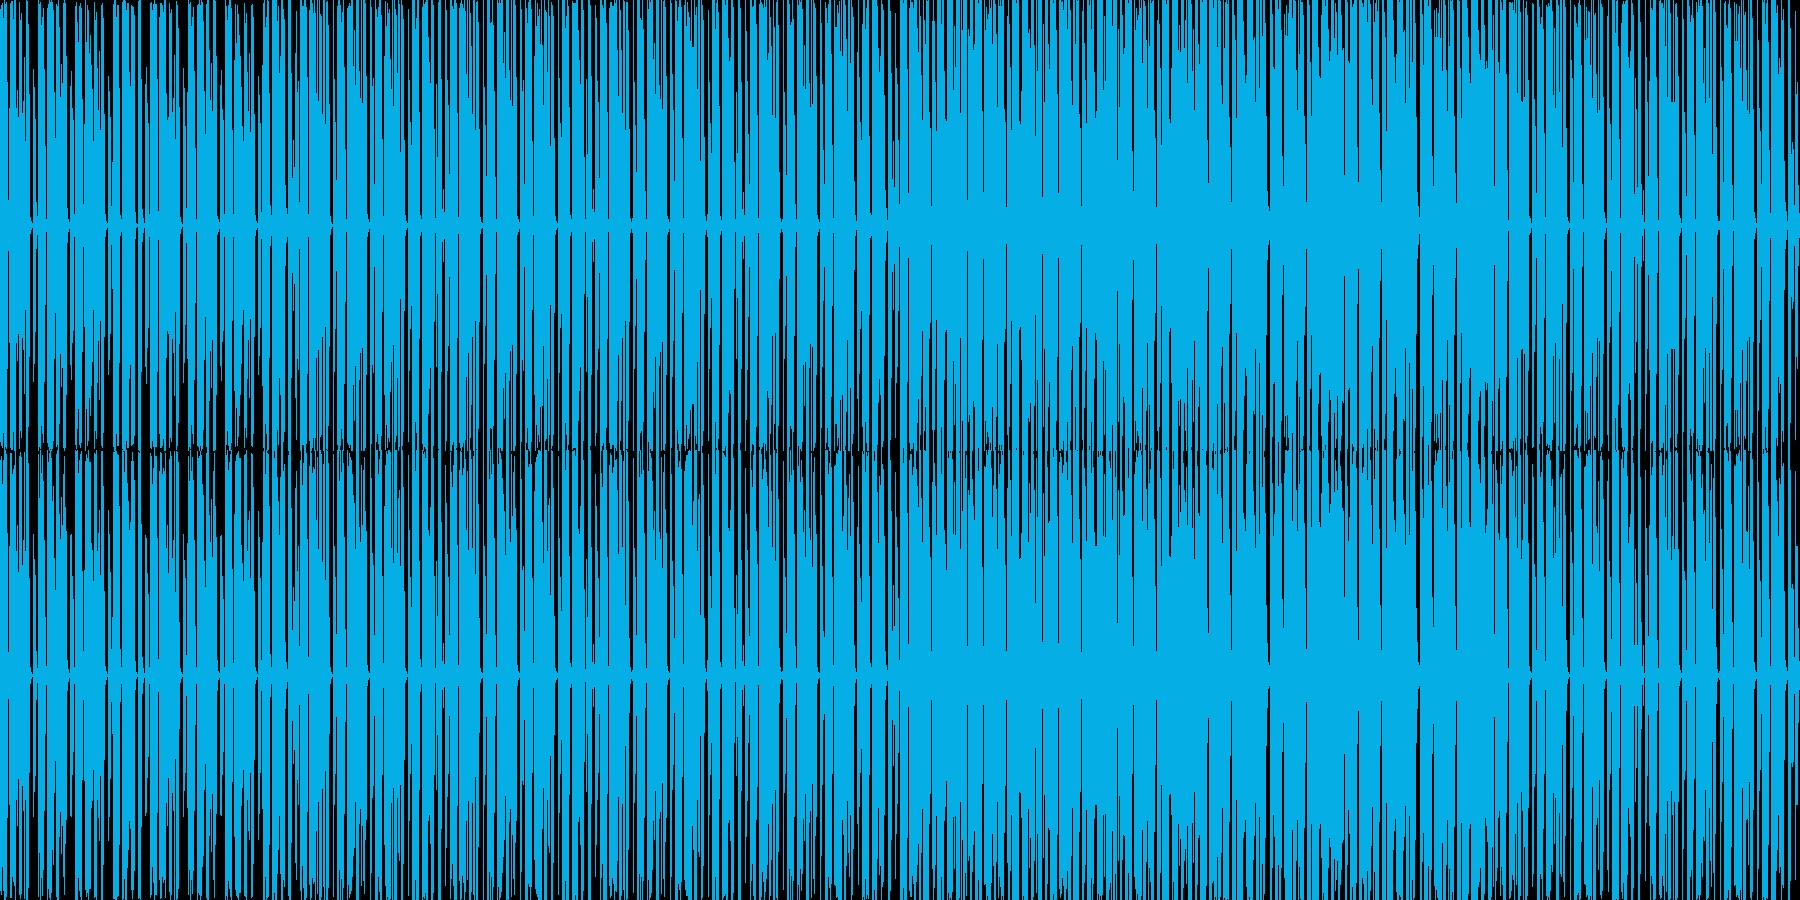 【ダンスやパーティイベント用BGM】の再生済みの波形